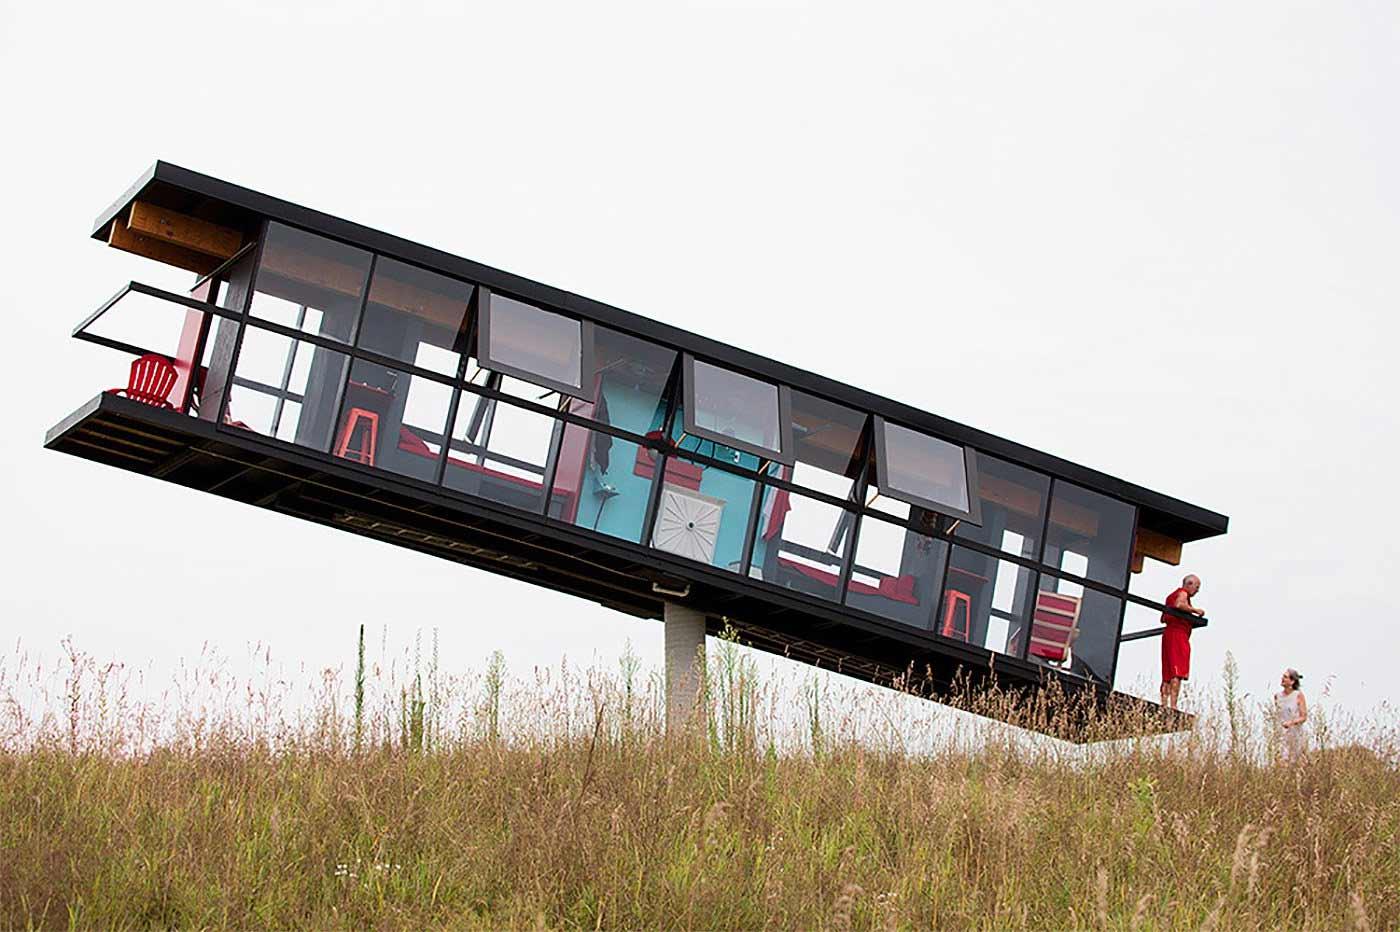 Architektur-Installationen von Alex Schweder & Ward Shelley Alex-Schweder-und-Ward-Shelley_04